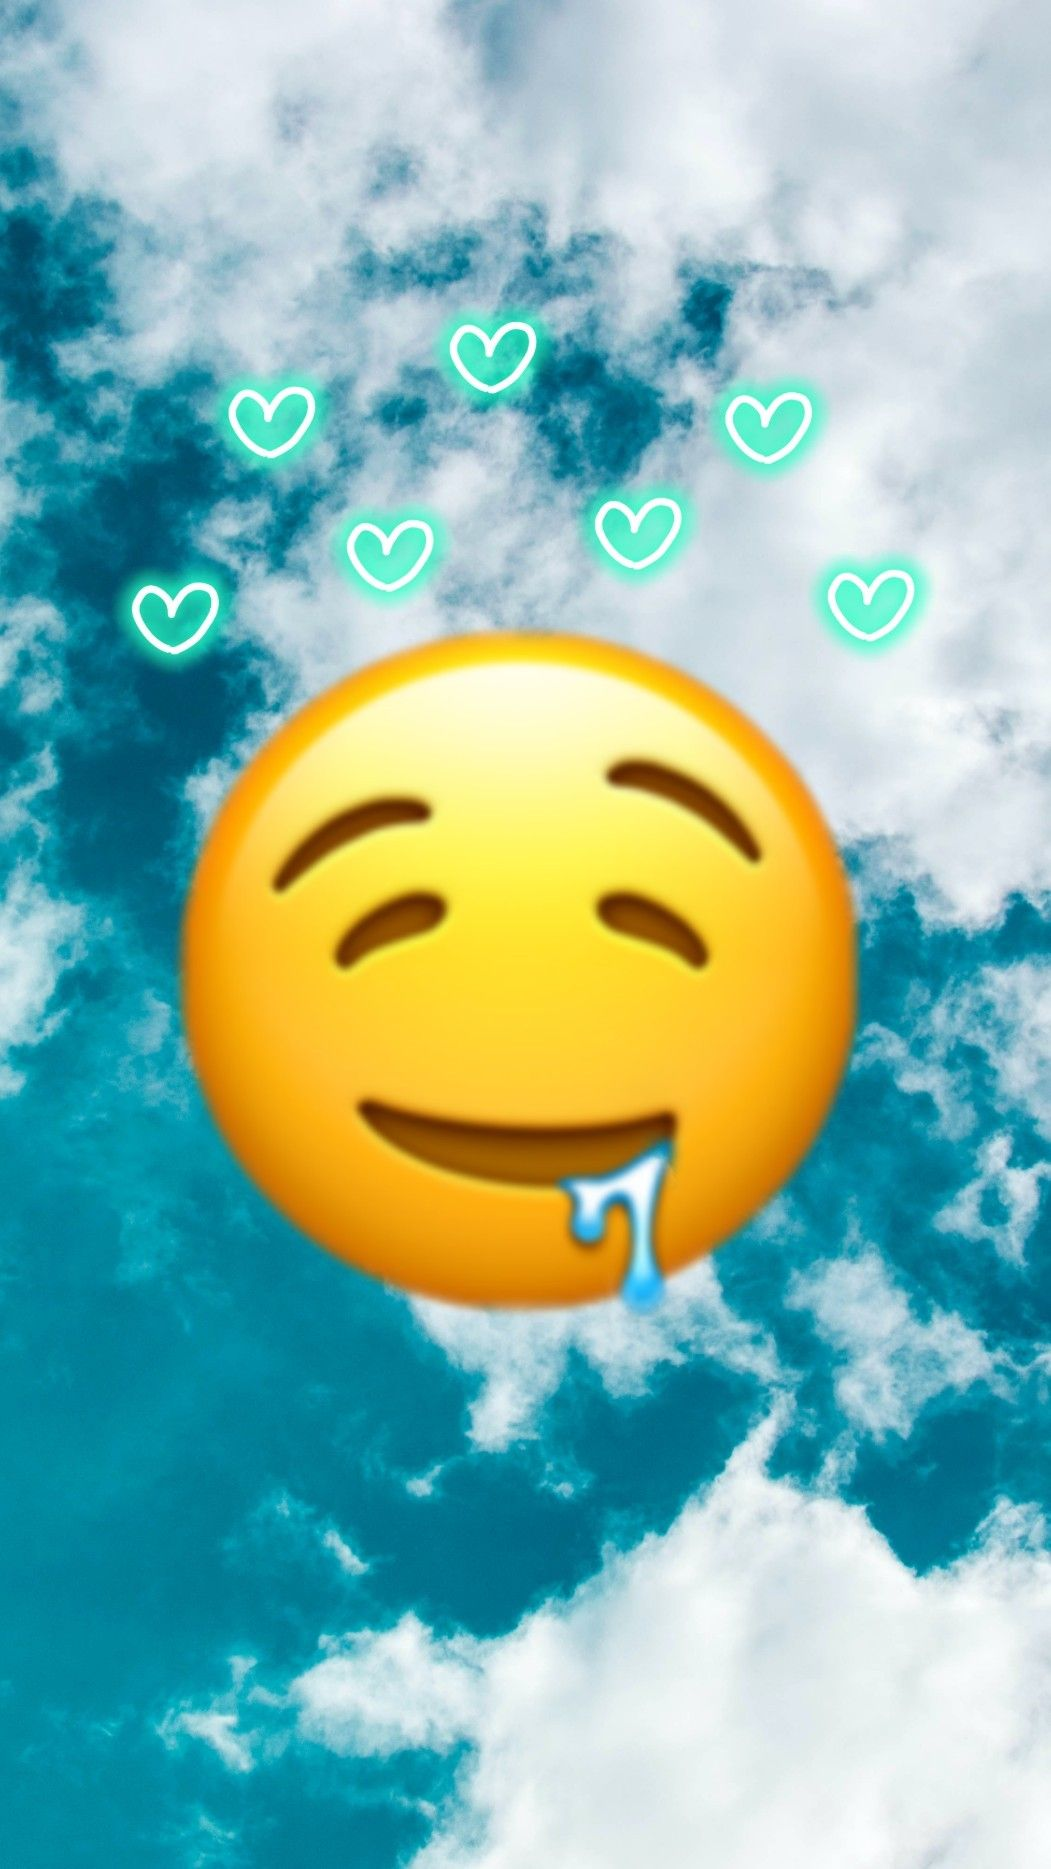 Fond D Ecran Emoji In 2020 Emoji Faces Emoji Outdoor Decor